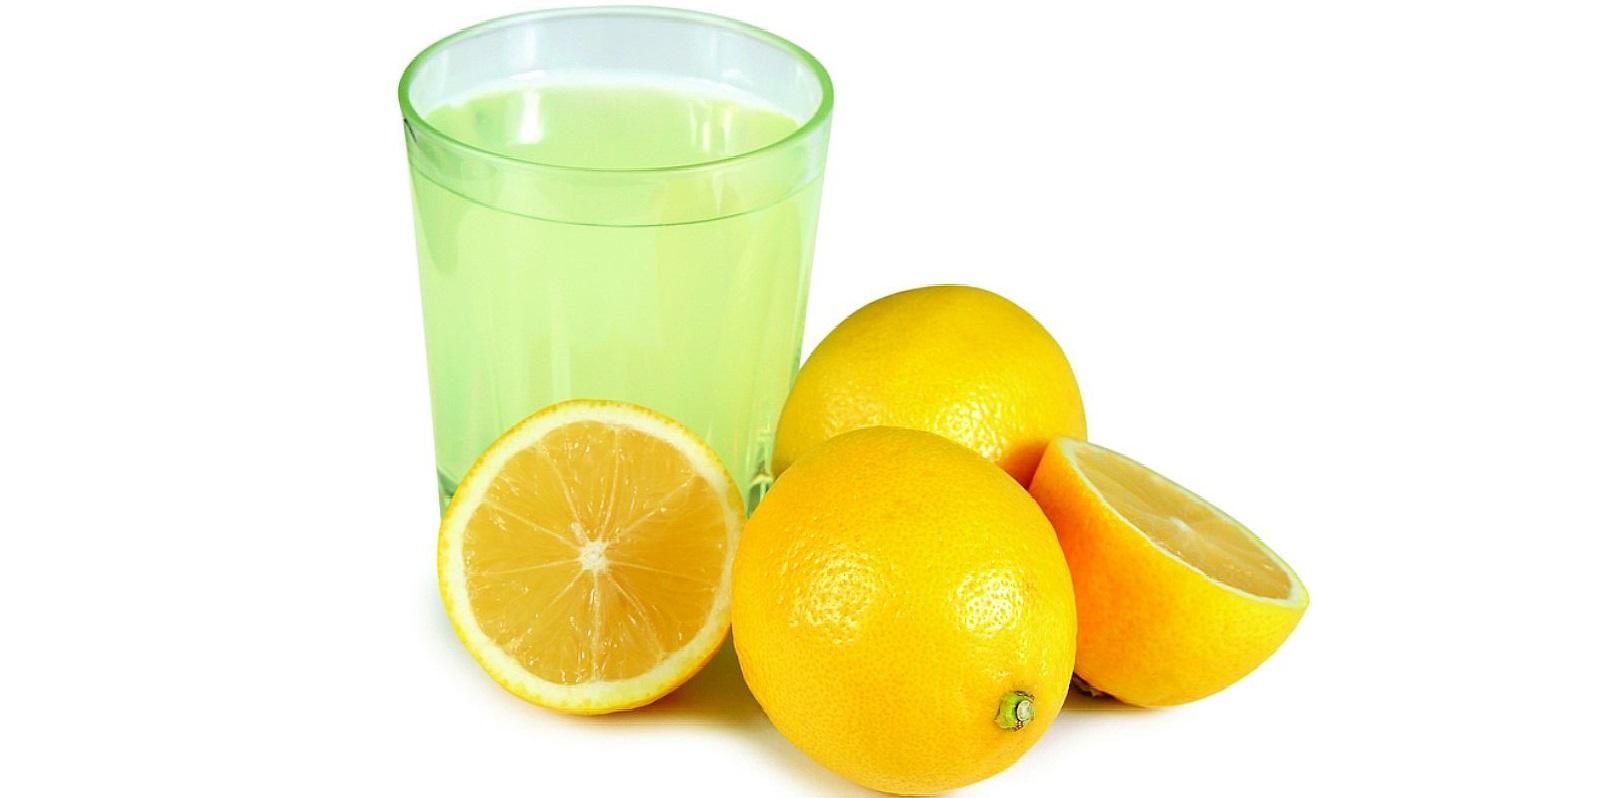 используйте для чистки лимонный сок